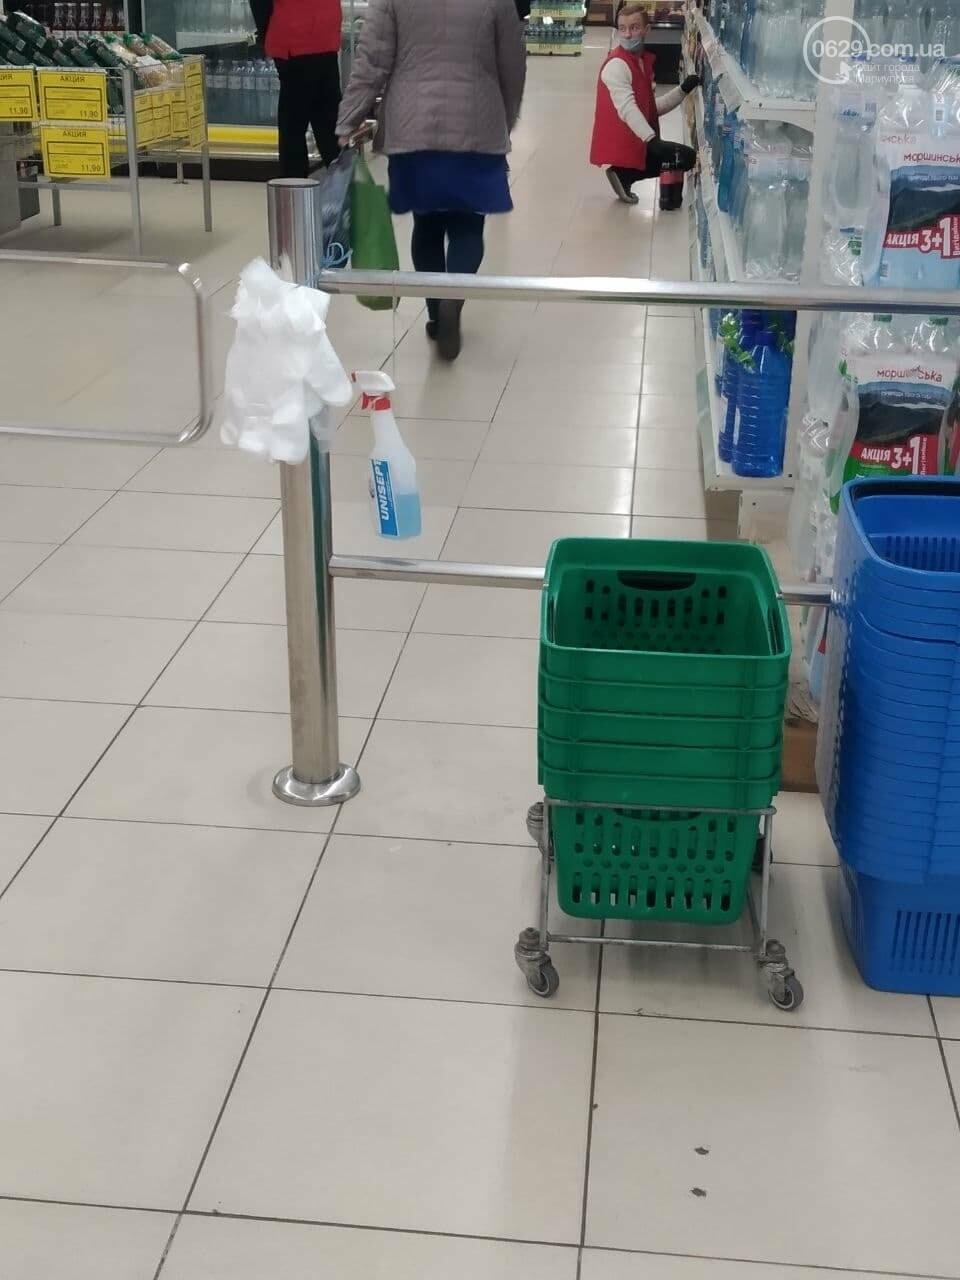 Скупиться и не заразиться. Рейтинг безопасности мариупольских супермаркетов, - ФОТО, фото-7